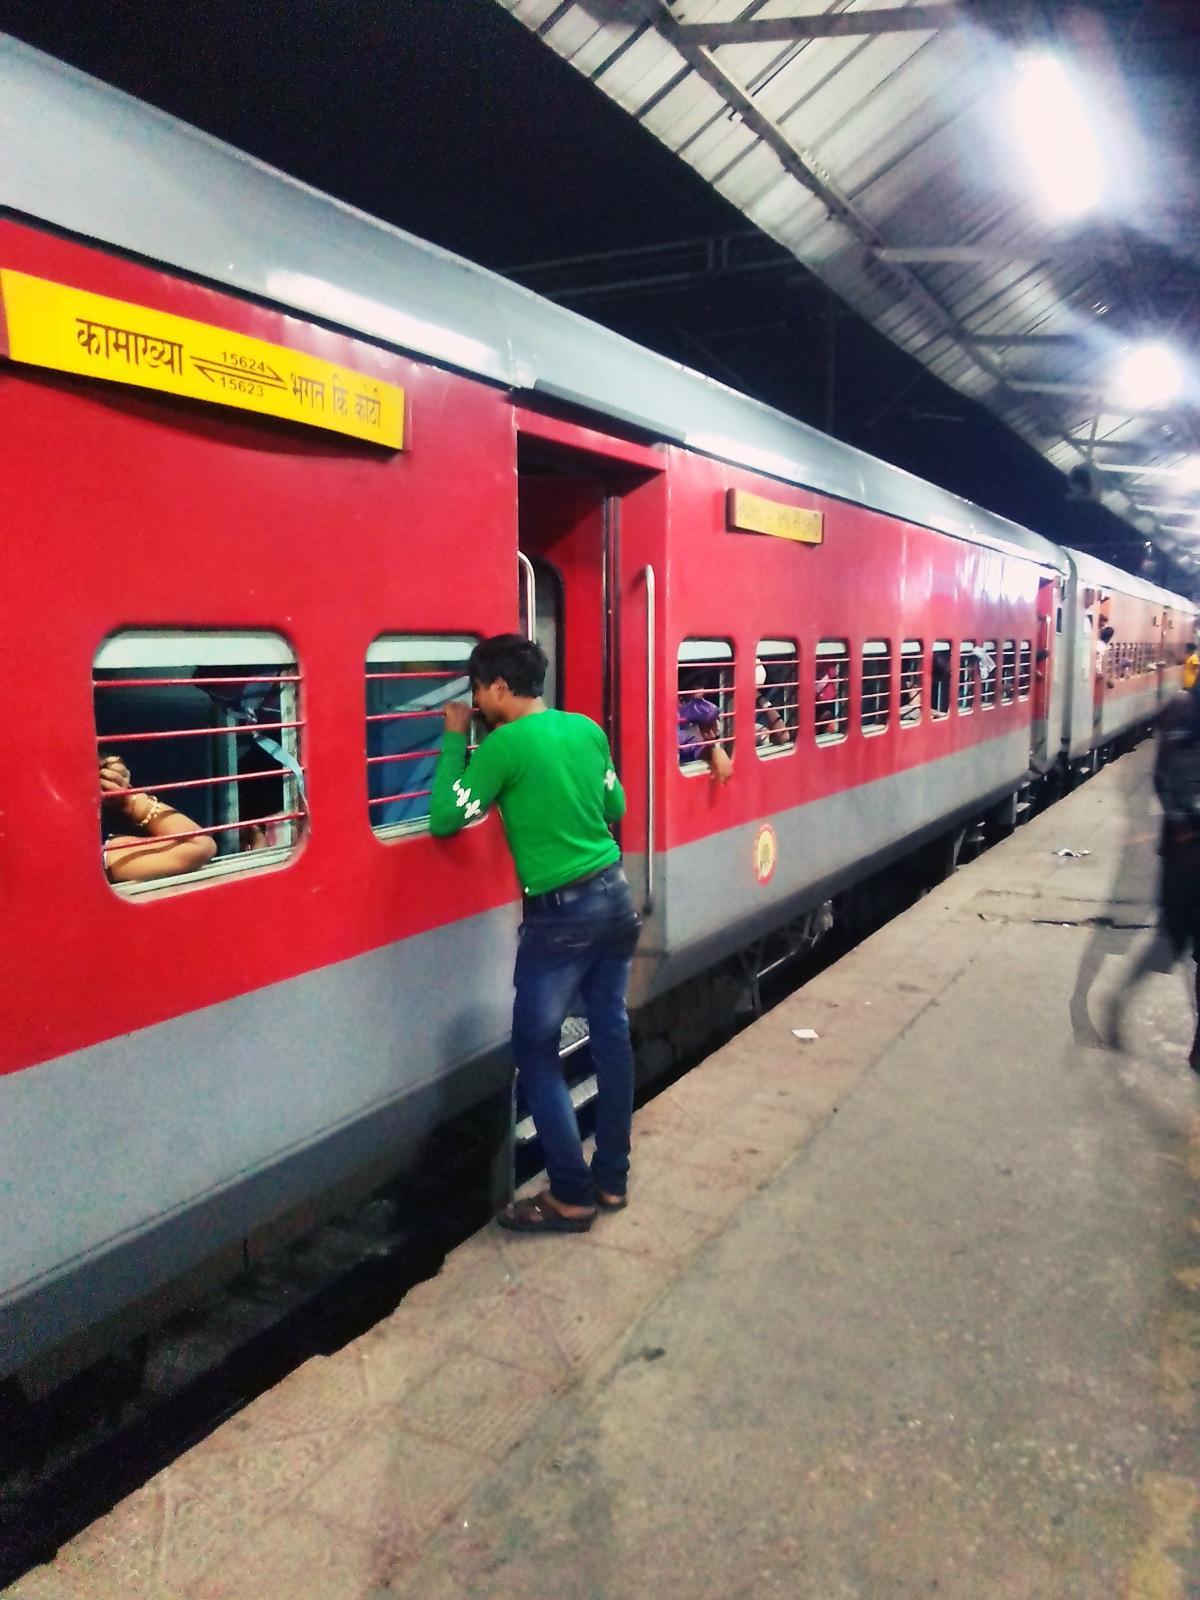 New Delhi to Samastipur: 34 Trains, Shortest Distance: 1072